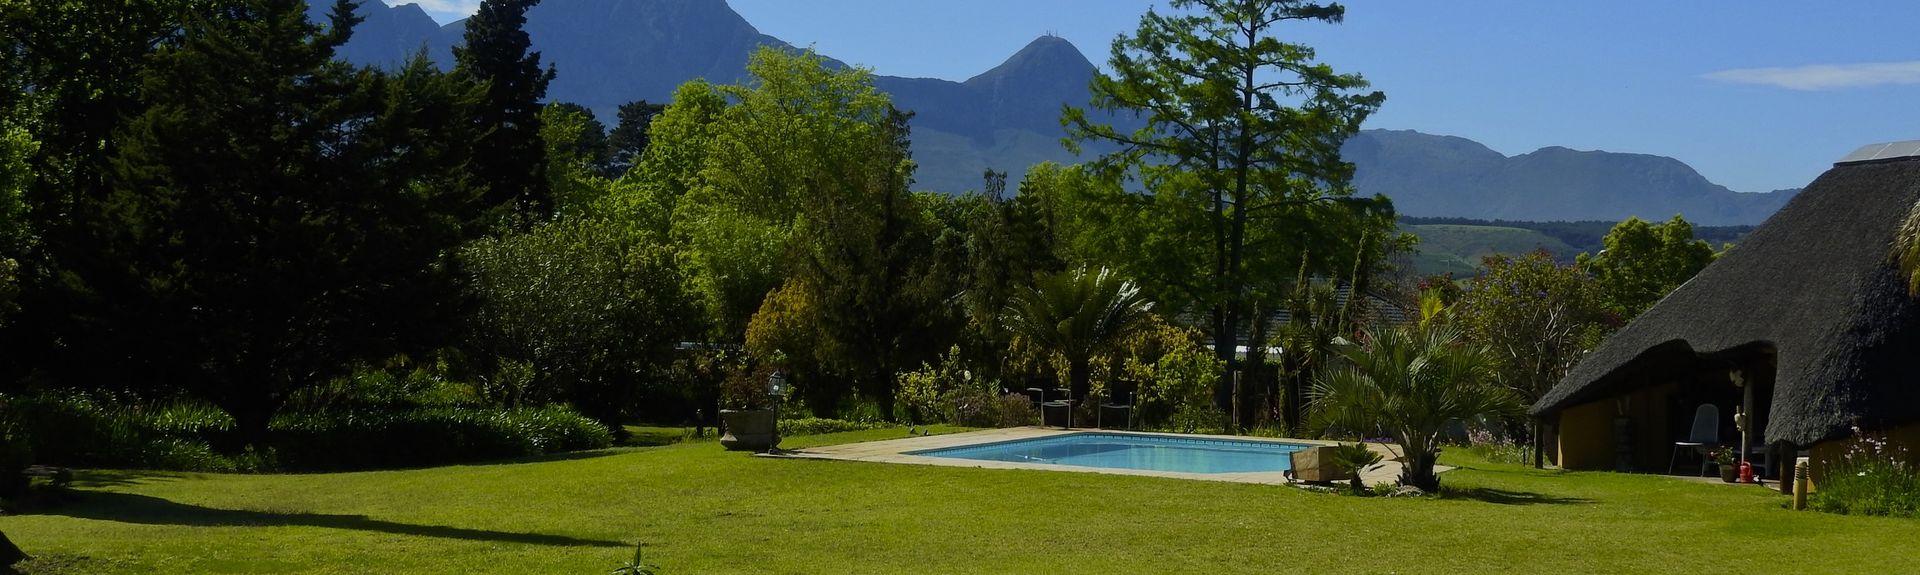 Tranvía del vino de Franschhoek, Franschhoek, El Cabo Occidental, Sudáfrica